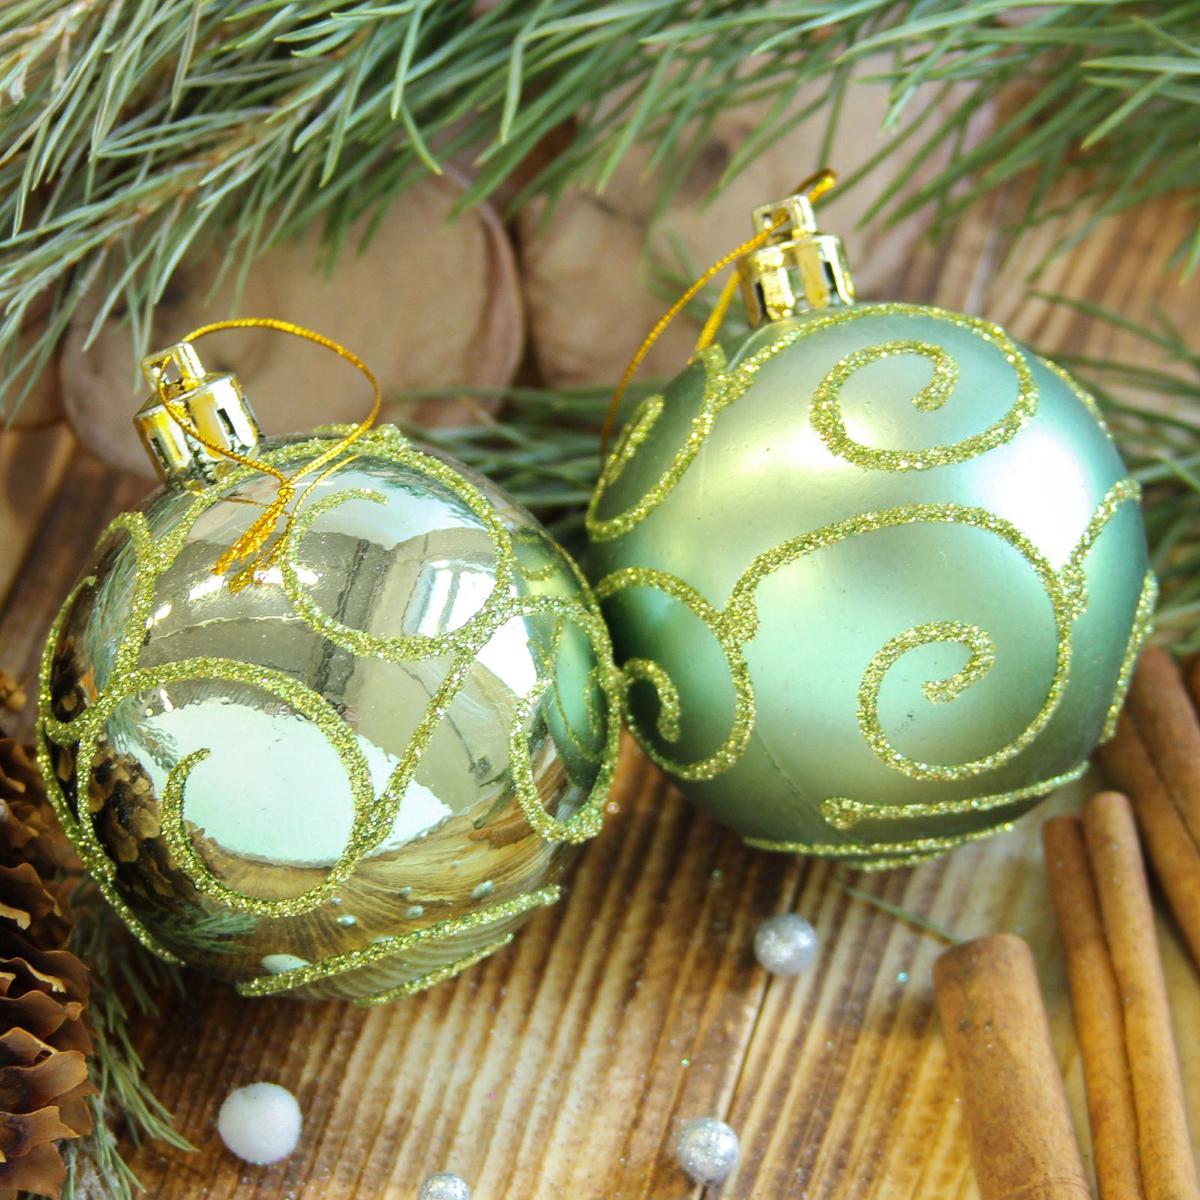 Набор новогодних подвесных украшений Sima-land Цветущая ветвь, цвет: зеленый, диаметр 6 см, 8 шт2122526Набор новогодних подвесных украшений Sima-land отлично подойдет для декорации вашего дома и новогодней ели. С помощью специальной петельки украшение можно повесить в любом понравившемся вам месте. Но, конечно, удачнее всего оно будет смотреться на праздничной елке. Елочная игрушка - символ Нового года. Она несет в себе волшебство и красоту праздника. Создайте в своем доме атмосферу веселья и радости, украшая новогоднюю елку нарядными игрушками, которые будут из года в год накапливать теплоту воспоминаний.